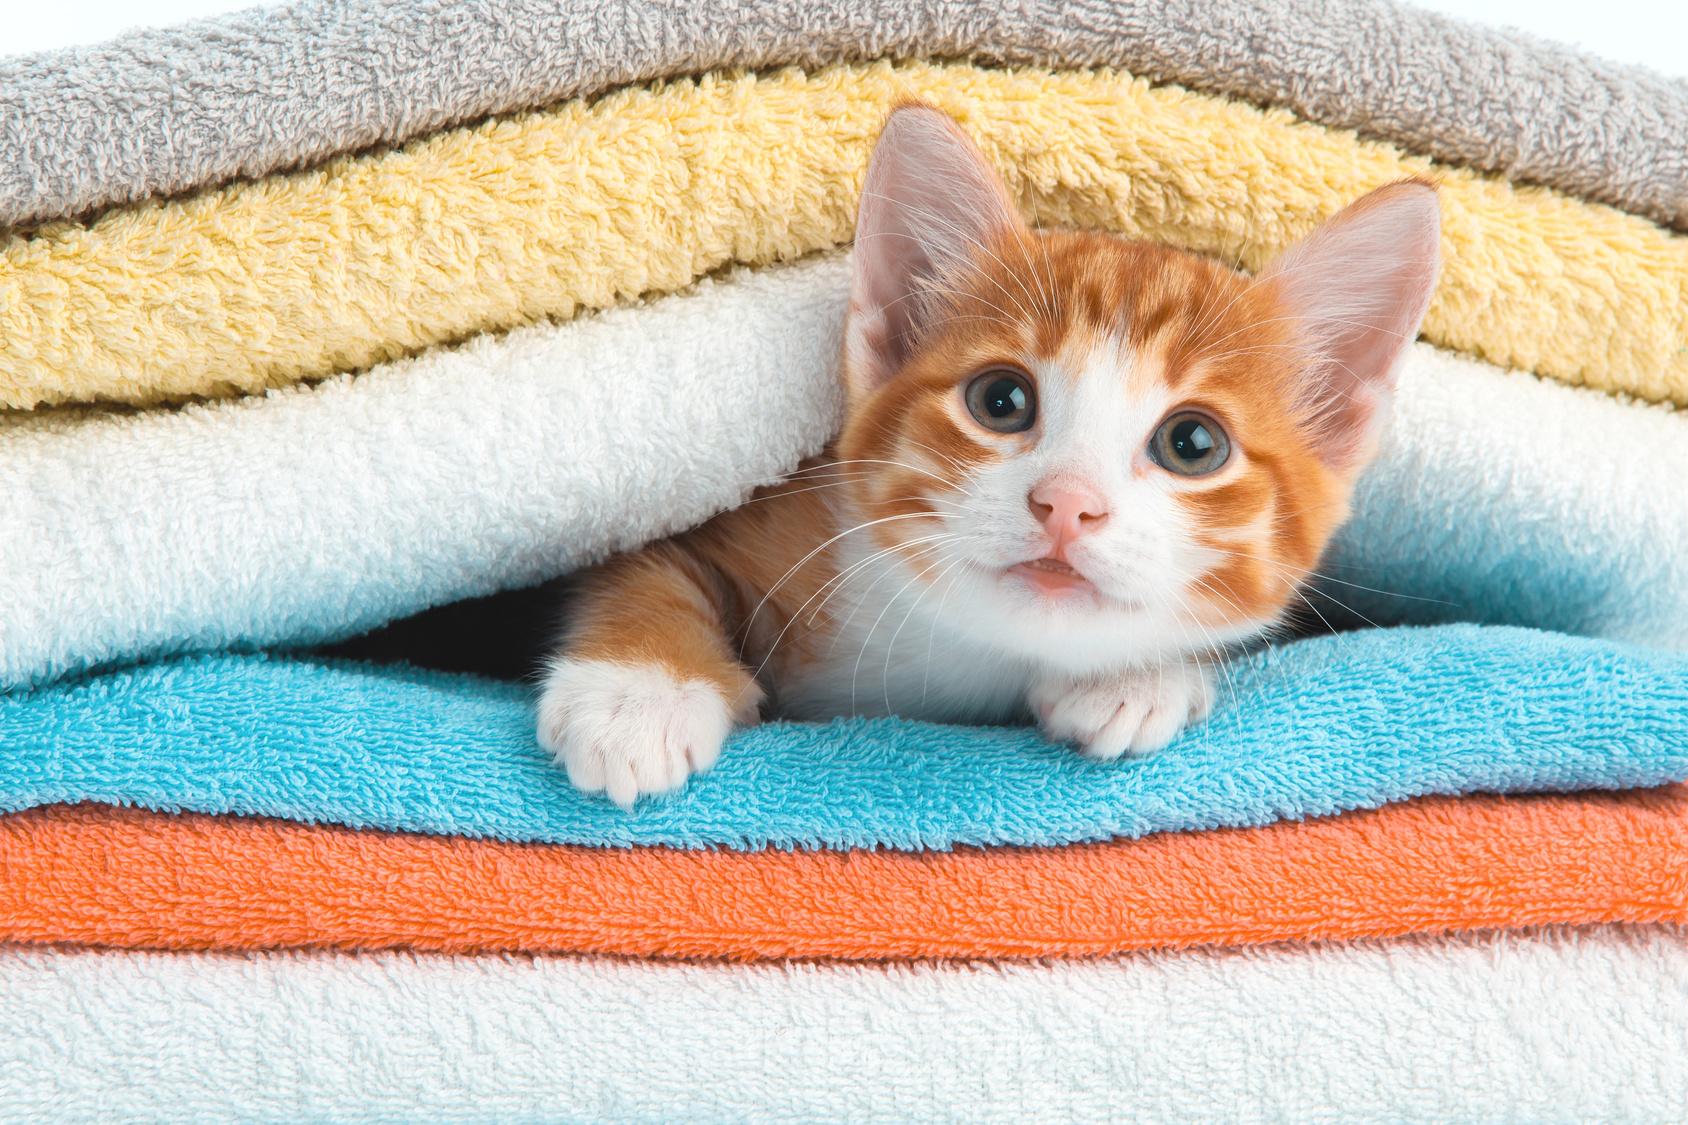 Educare gatto : punire il gatto